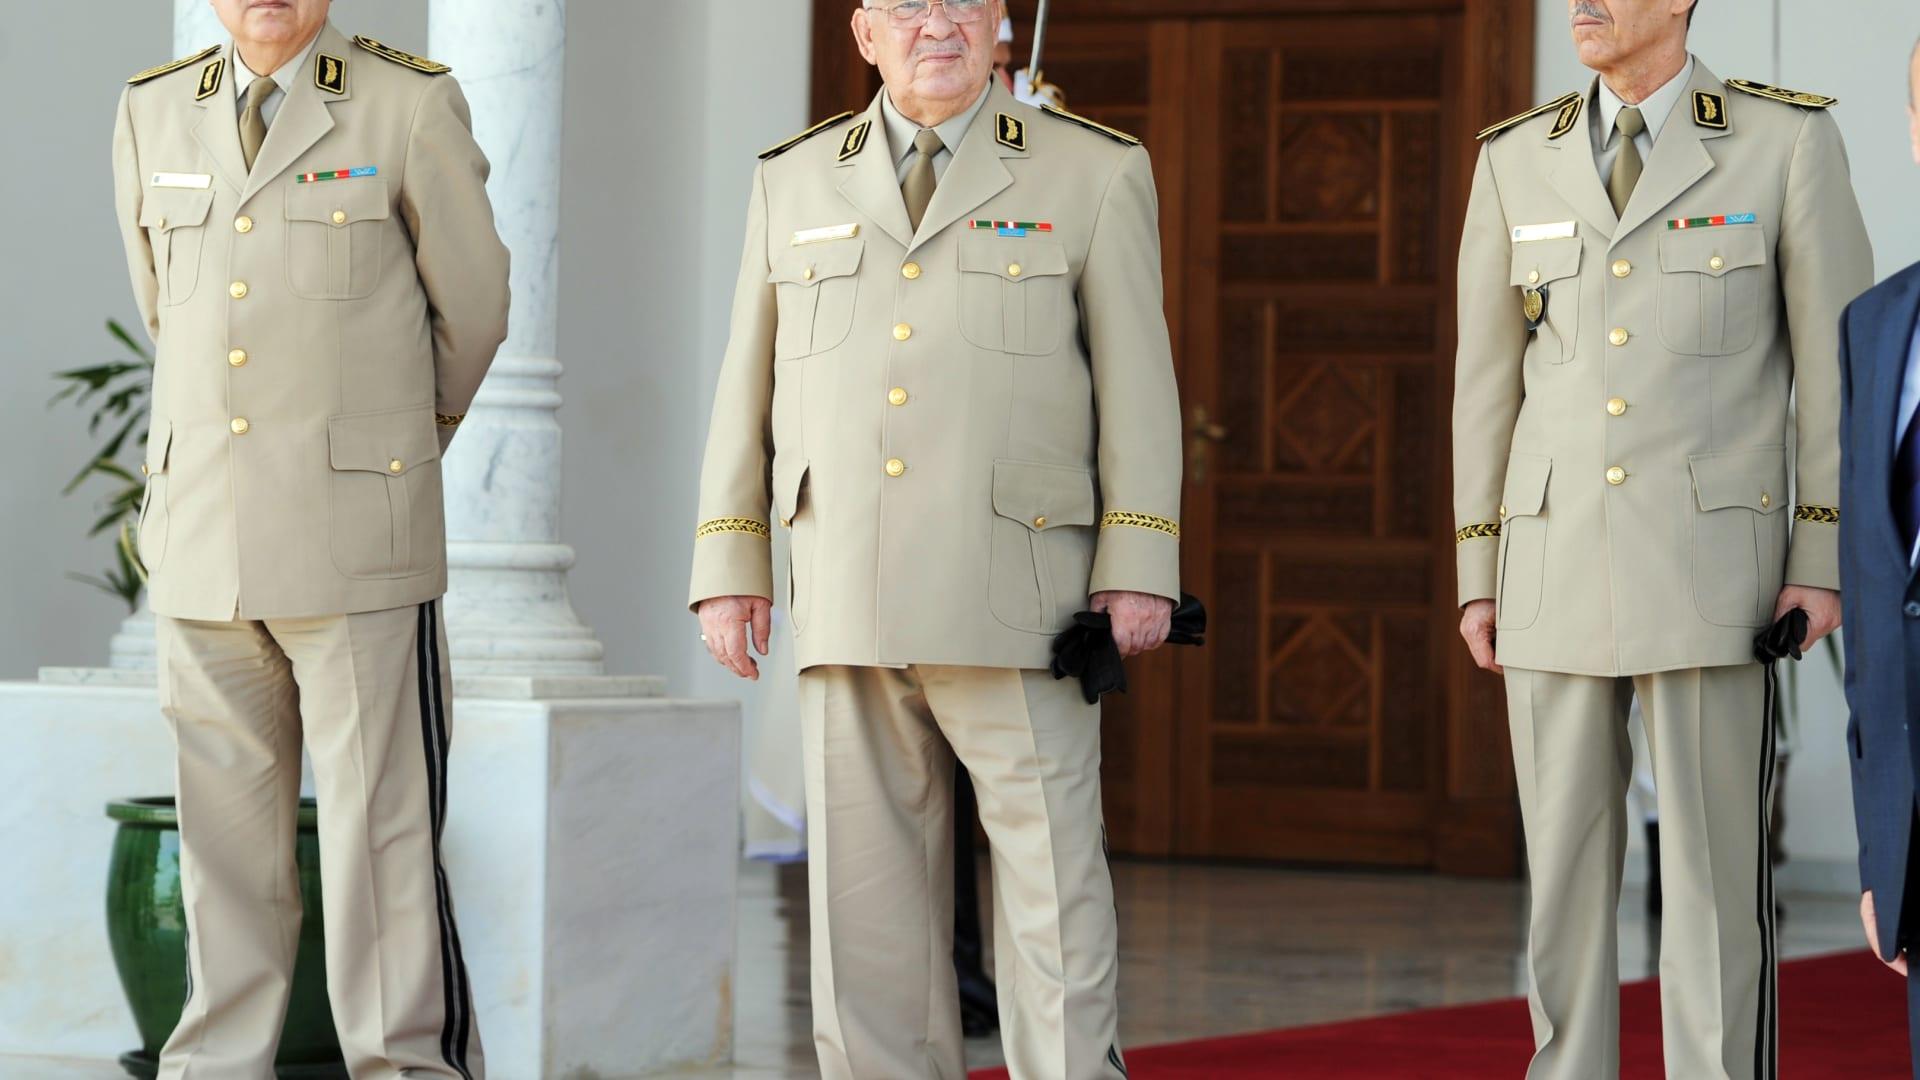 أول تعليق من الجيش الجزائري بعد تنصيب بن صالح رئيسا مؤقتا